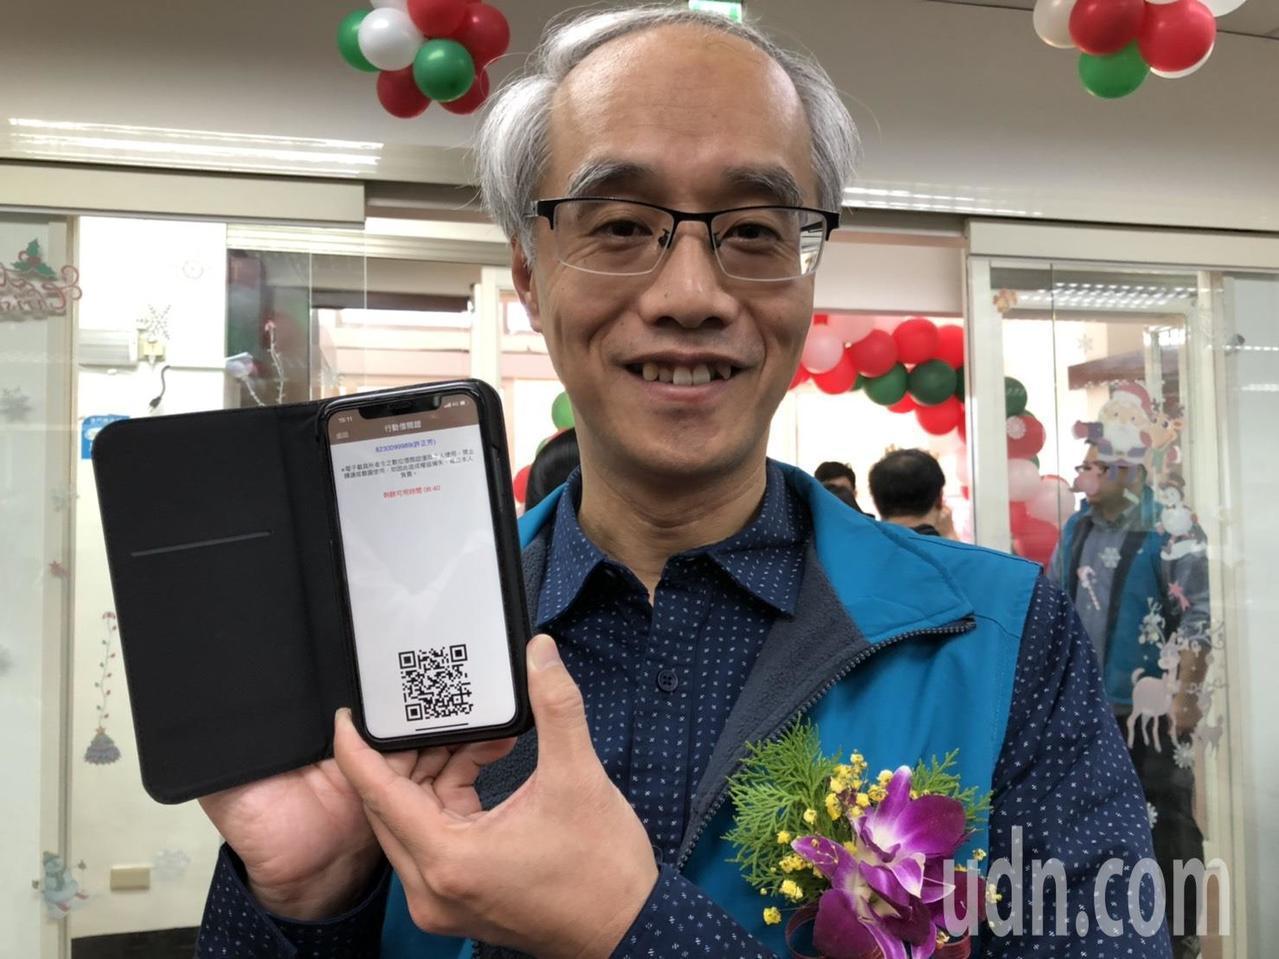 金门县文化局长许正芳秀出他的手机借书证,直说他也很爱借书。记者蔡家蓁/摄影